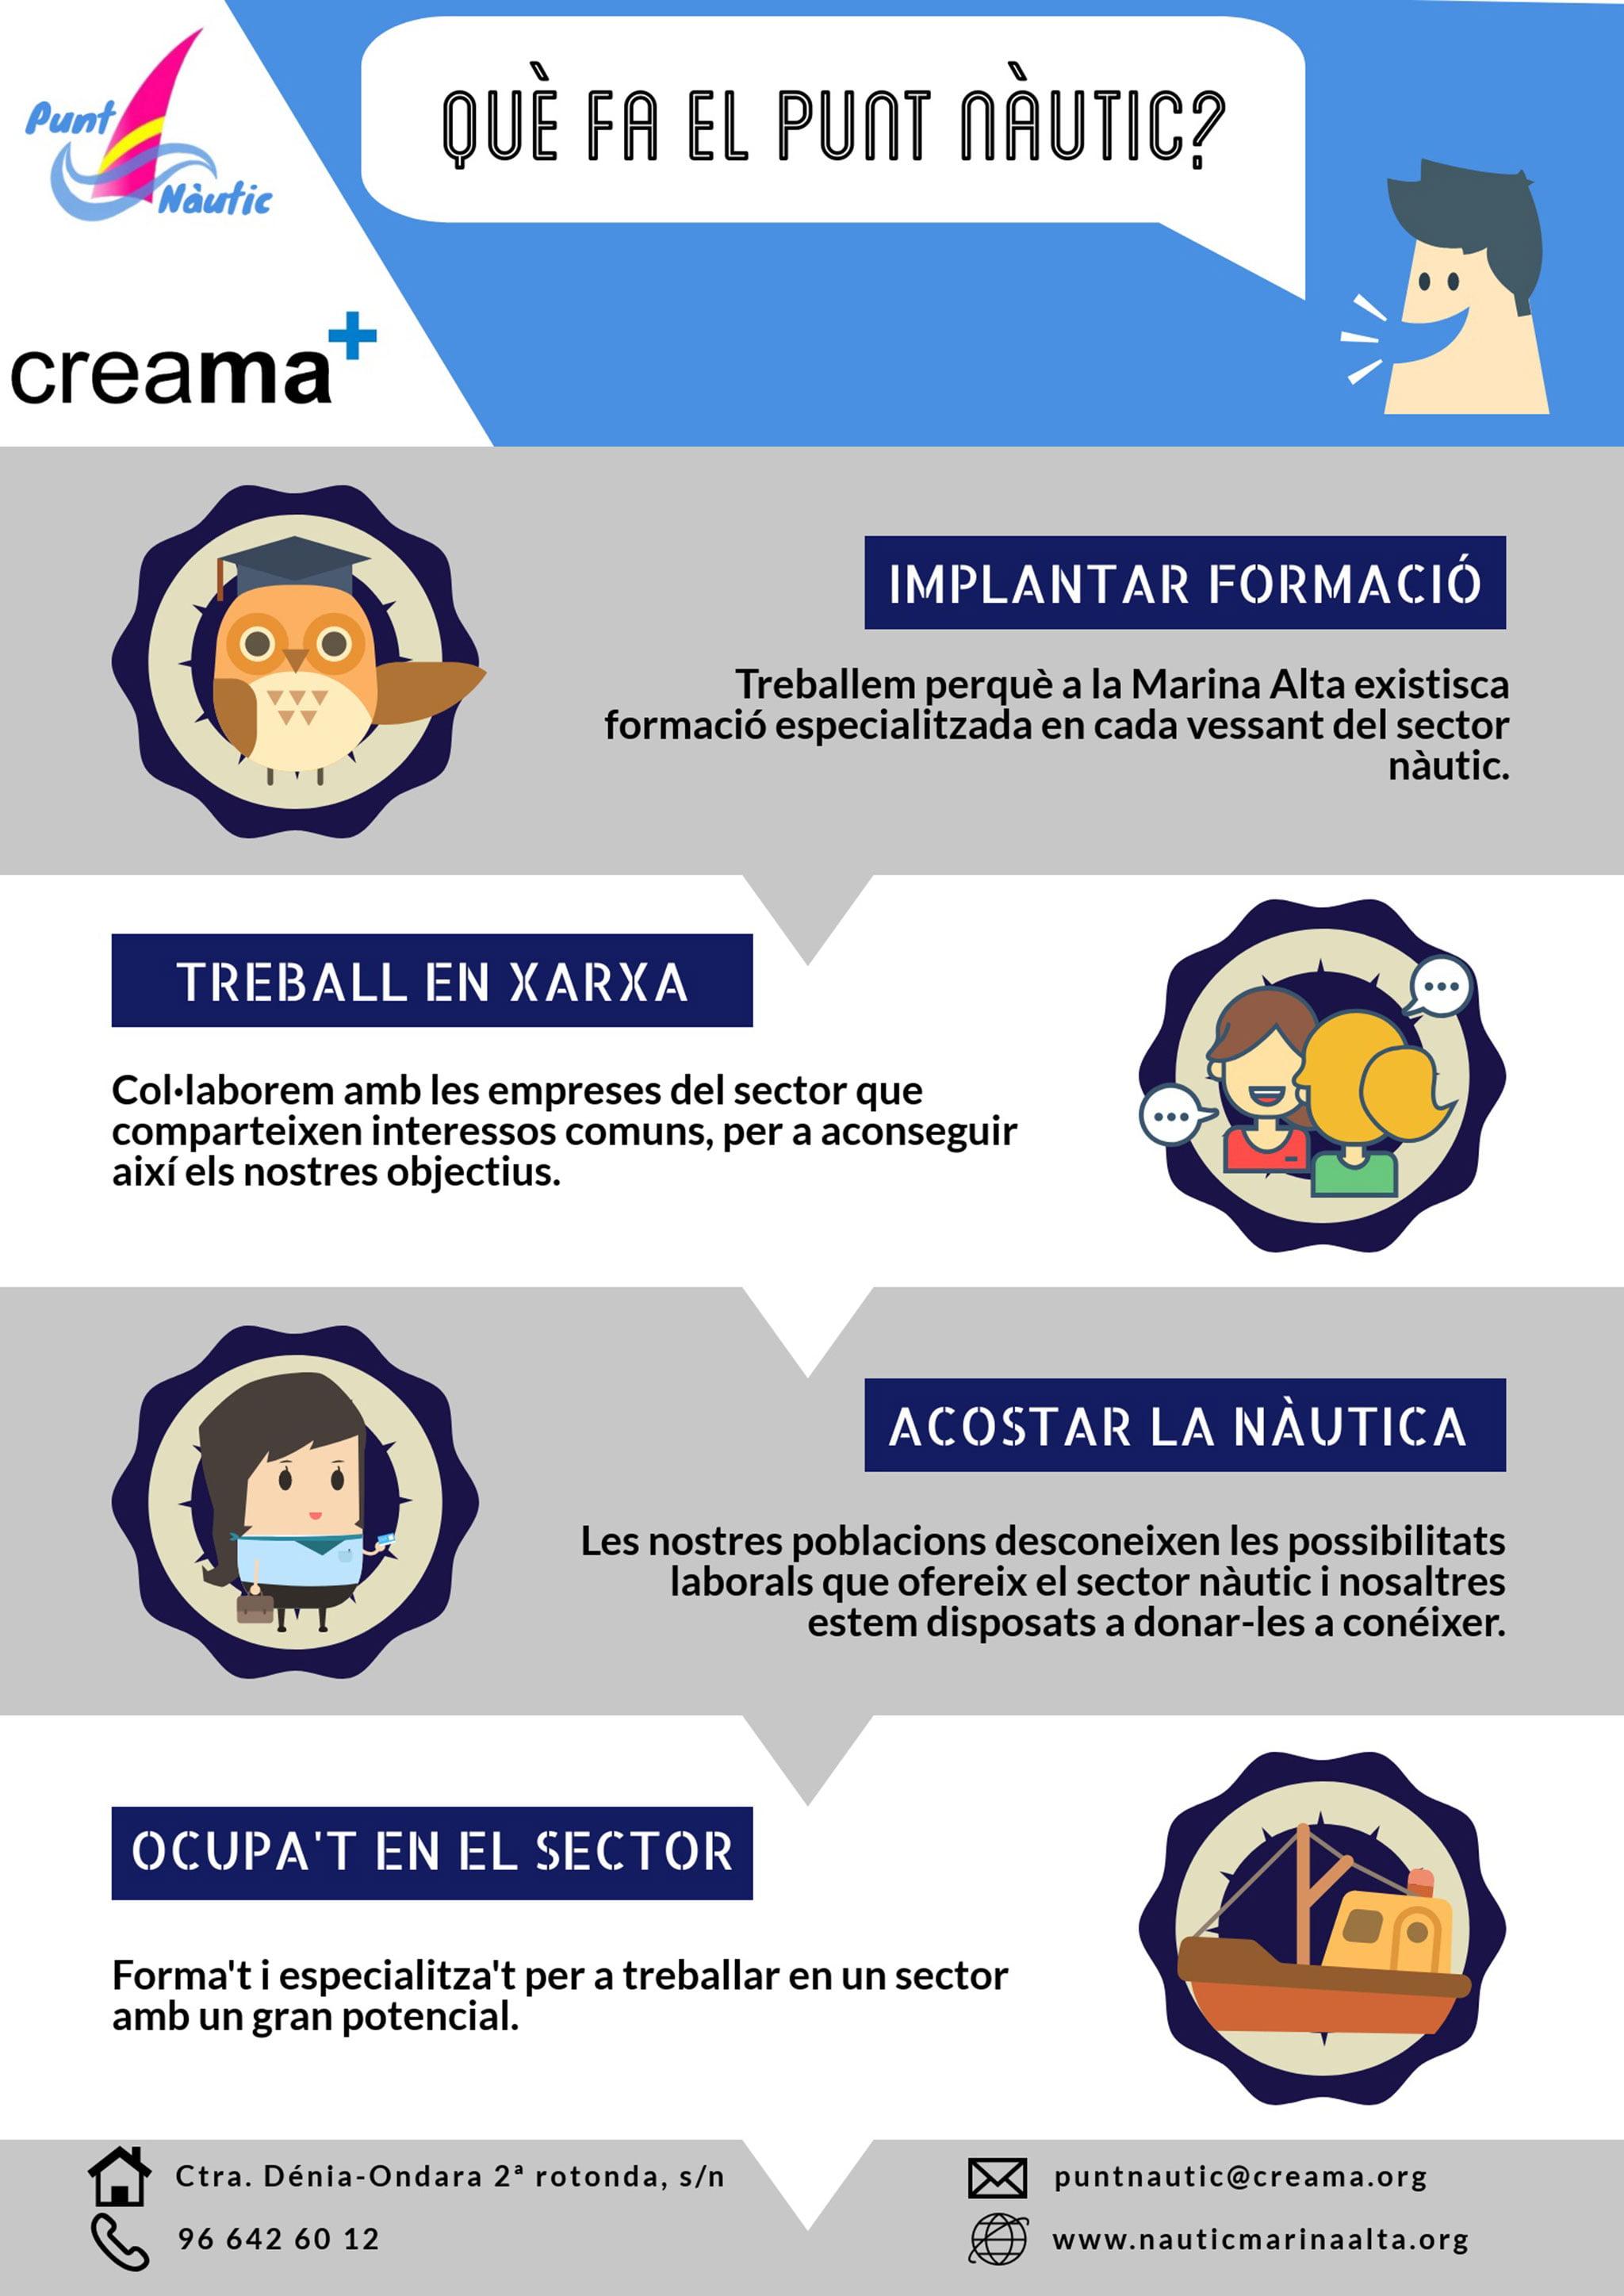 Infografía informativa sobre el proyecto Punt Nàutic